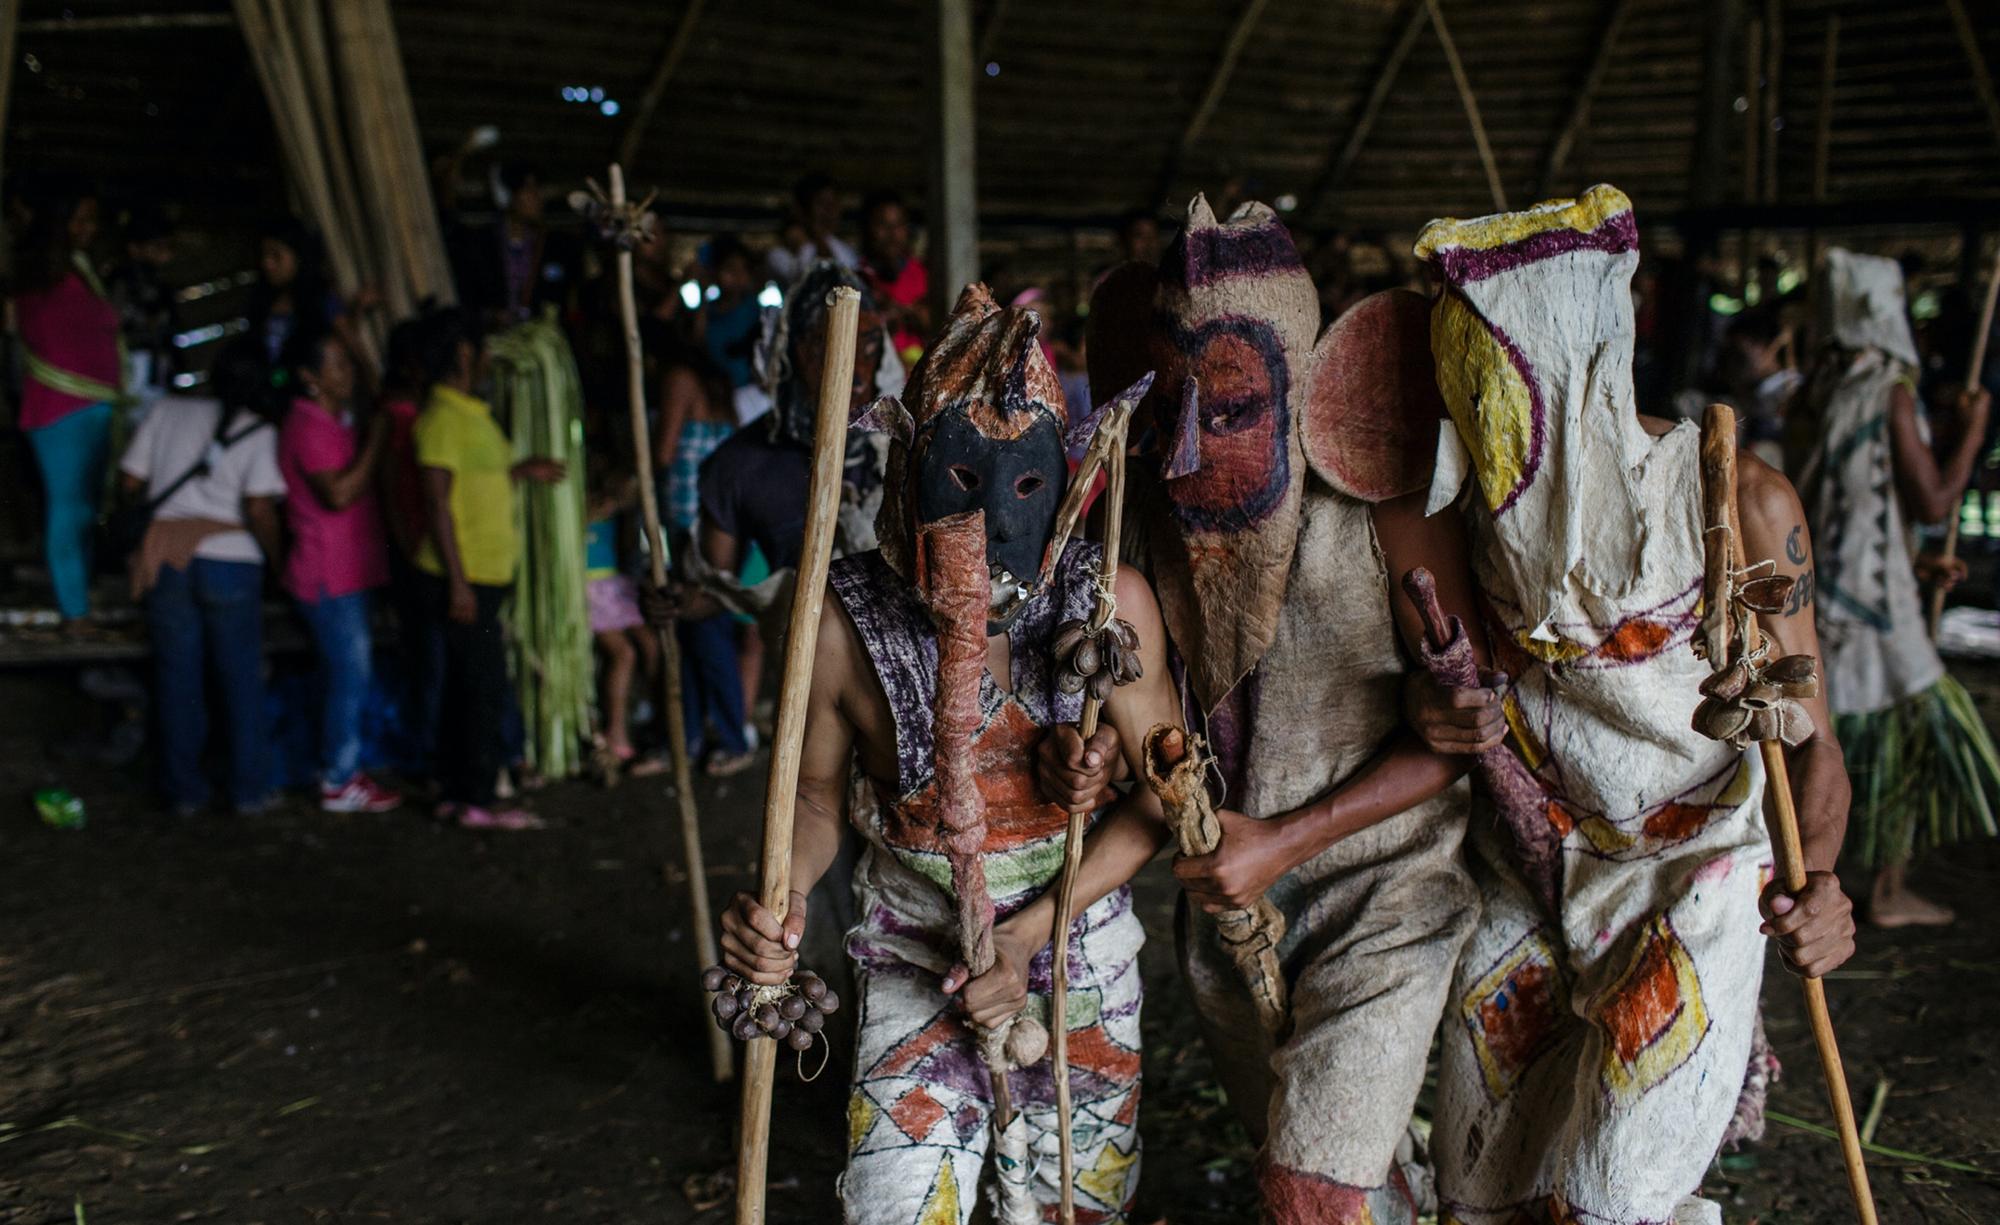 Kỳ lạ hoá trang thành quỷ, dương vật chạm khắc của bộ tộc Tikuna trong đêm nghi lễ này - Ảnh 4.